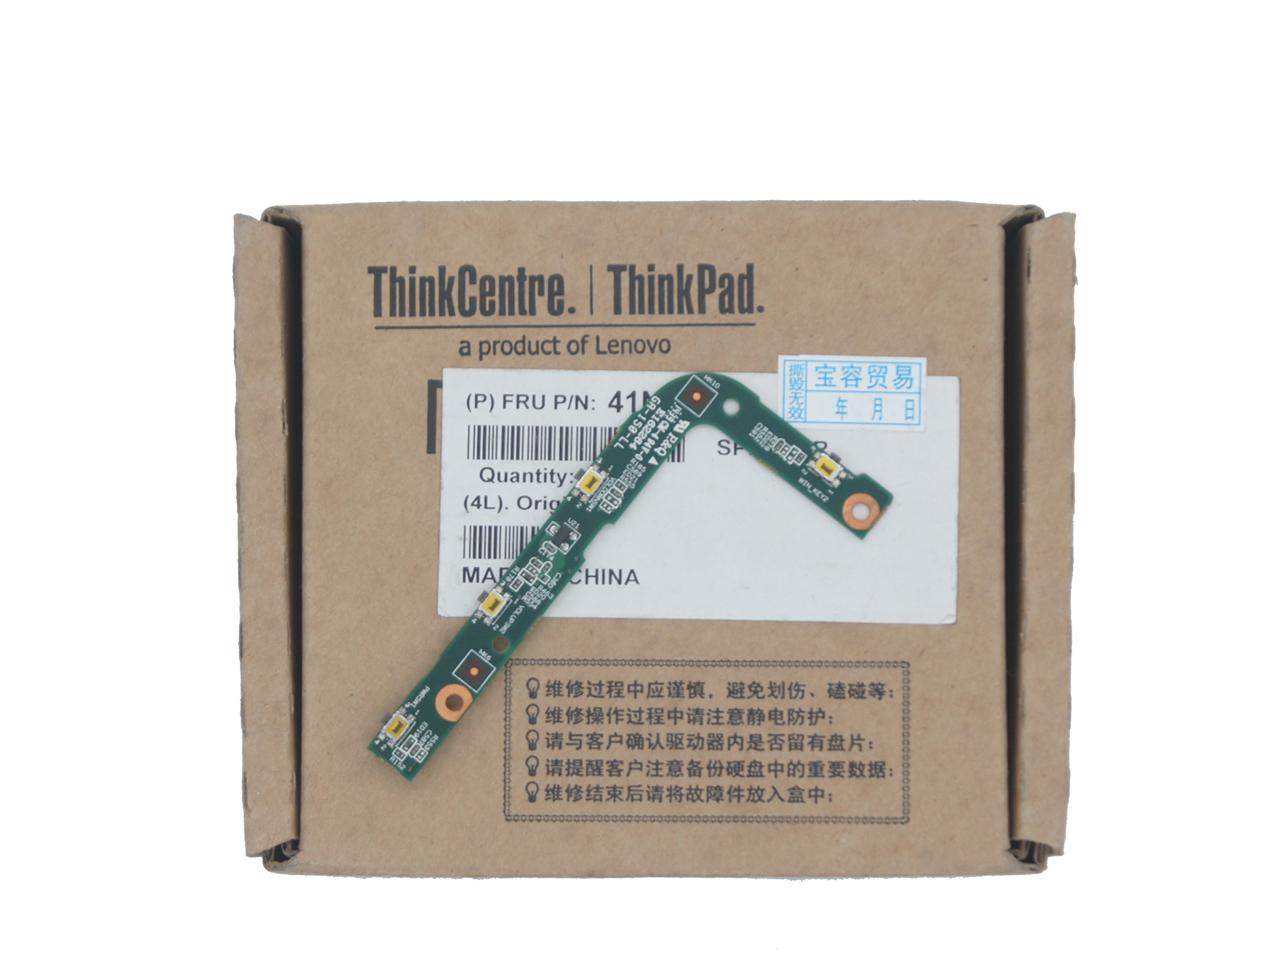 新到货31pcs BH5448A_v1.2 GA-150-LL E162264 联想 电源开关小板 音量调节小板 win 快速休眠按键